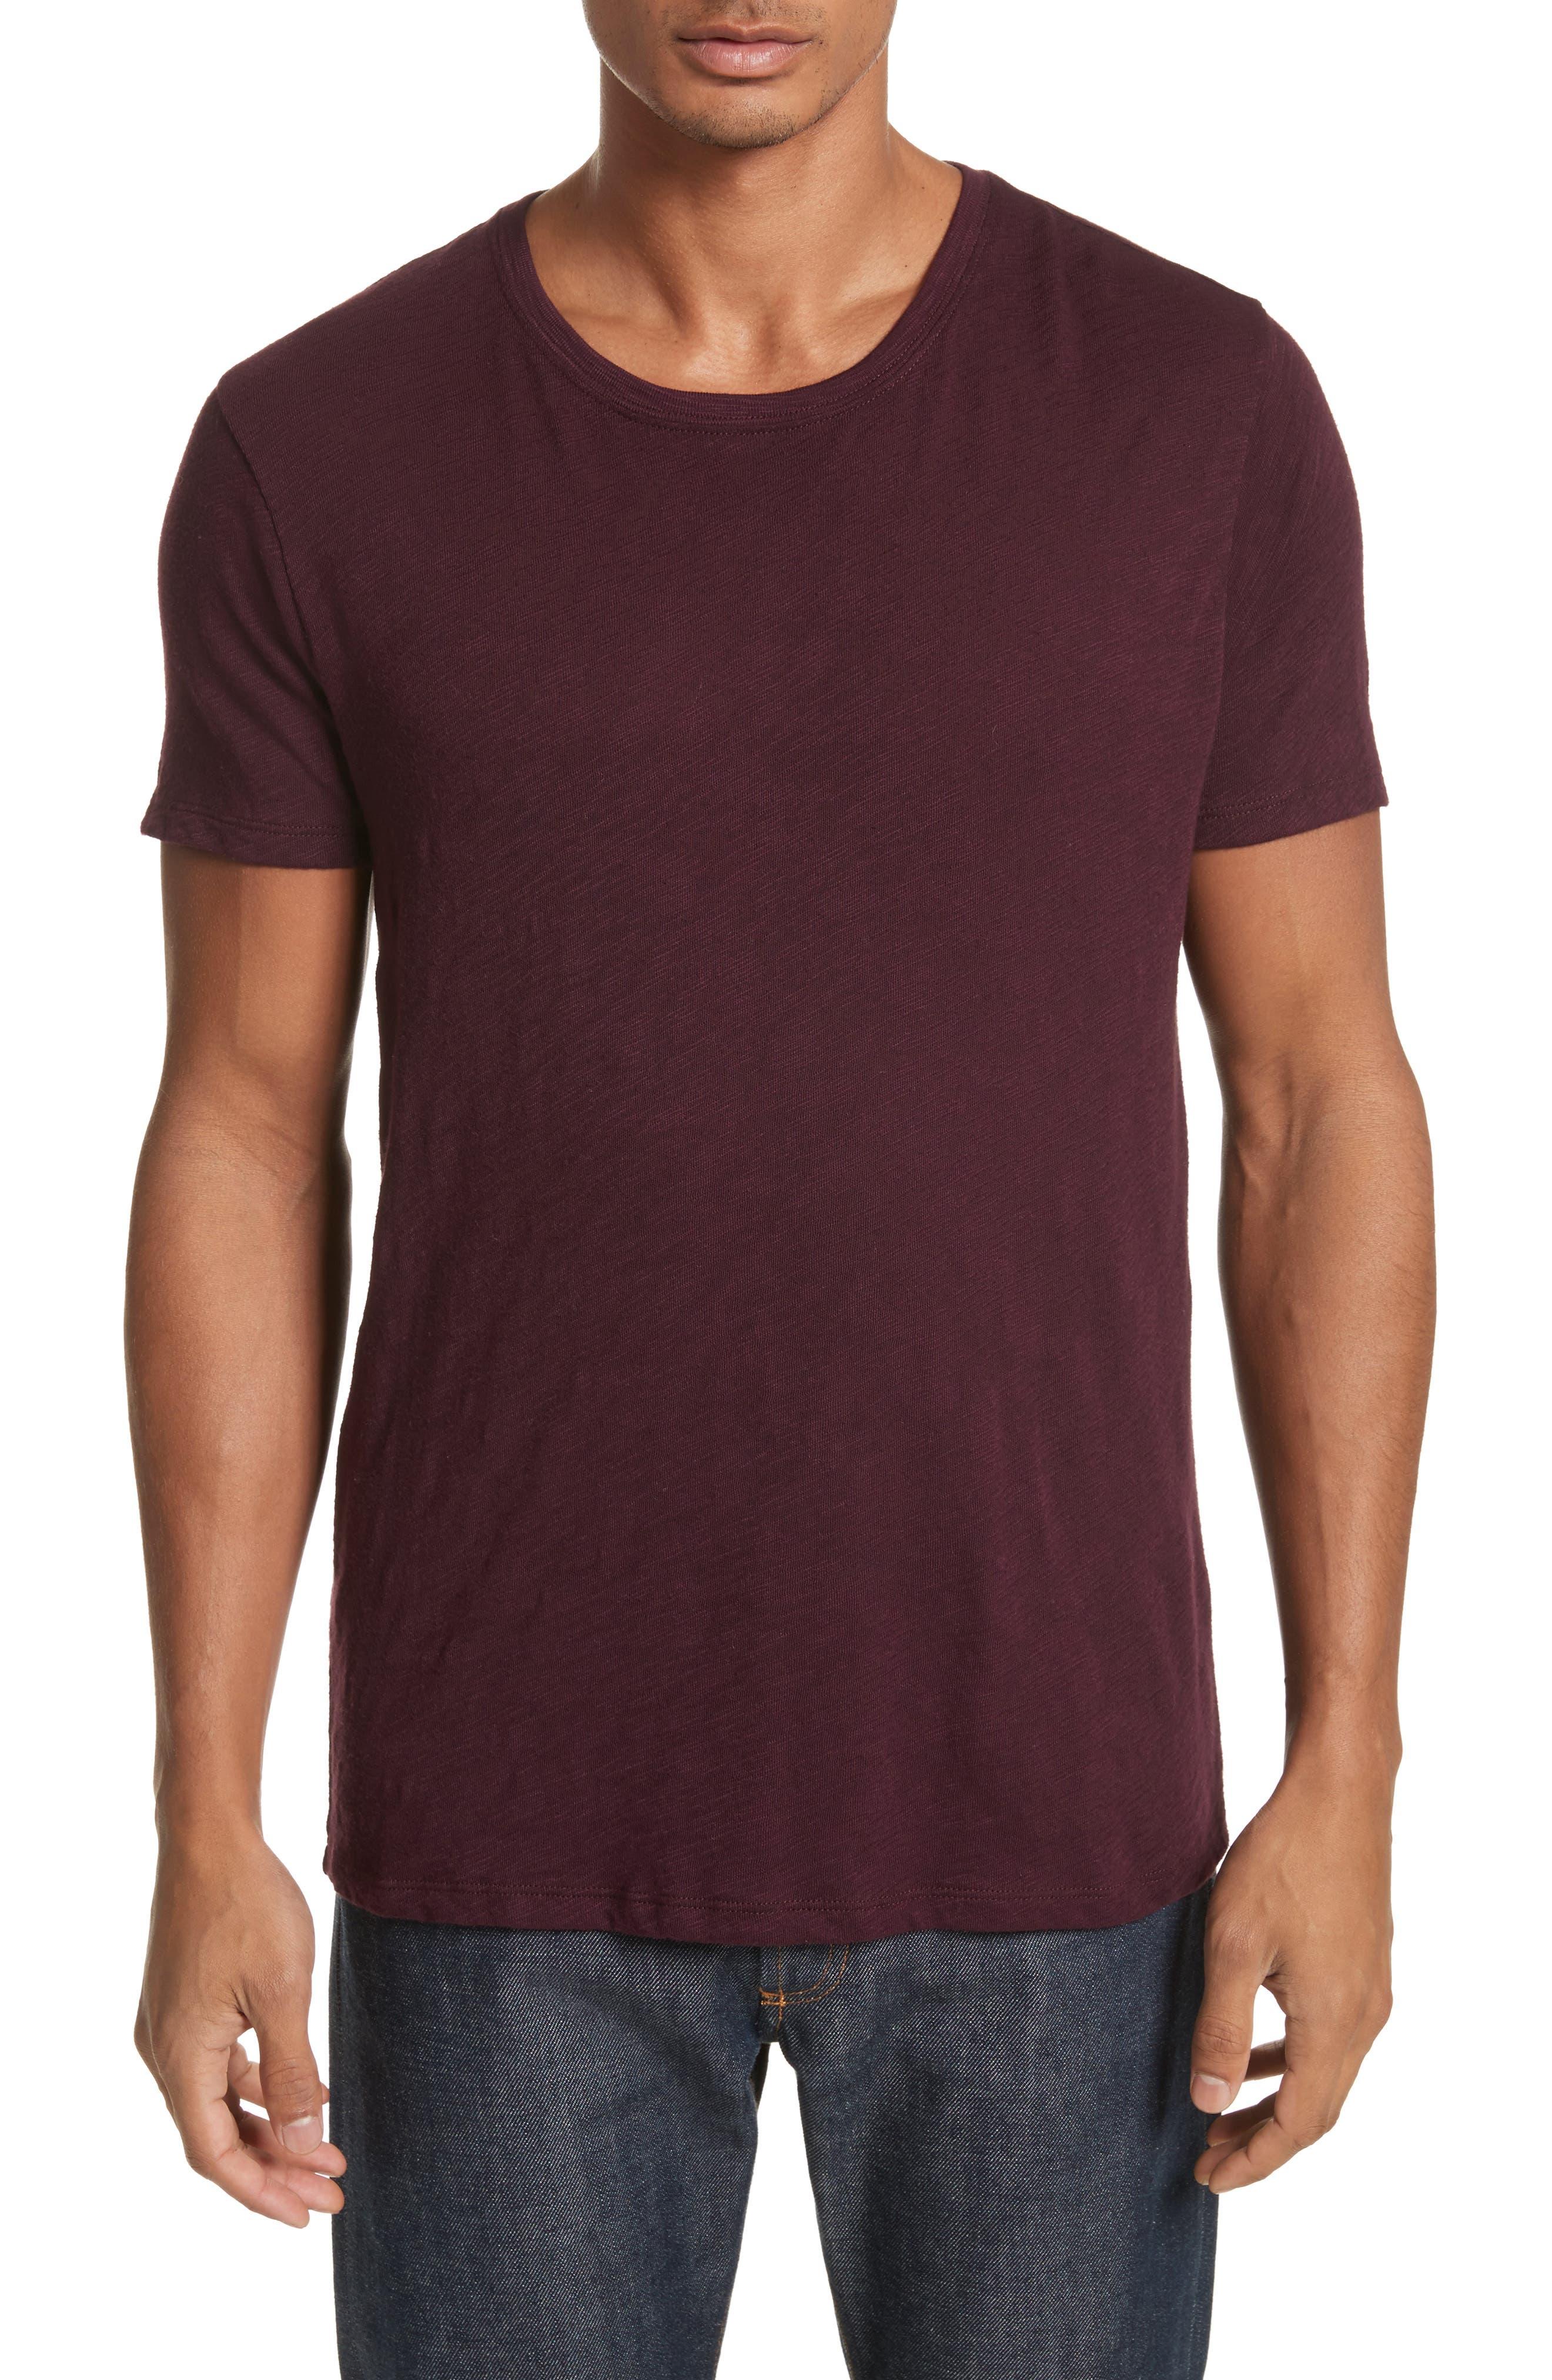 Main Image - ATM Anthony Thomas Melillo Crewneck T-Shirt